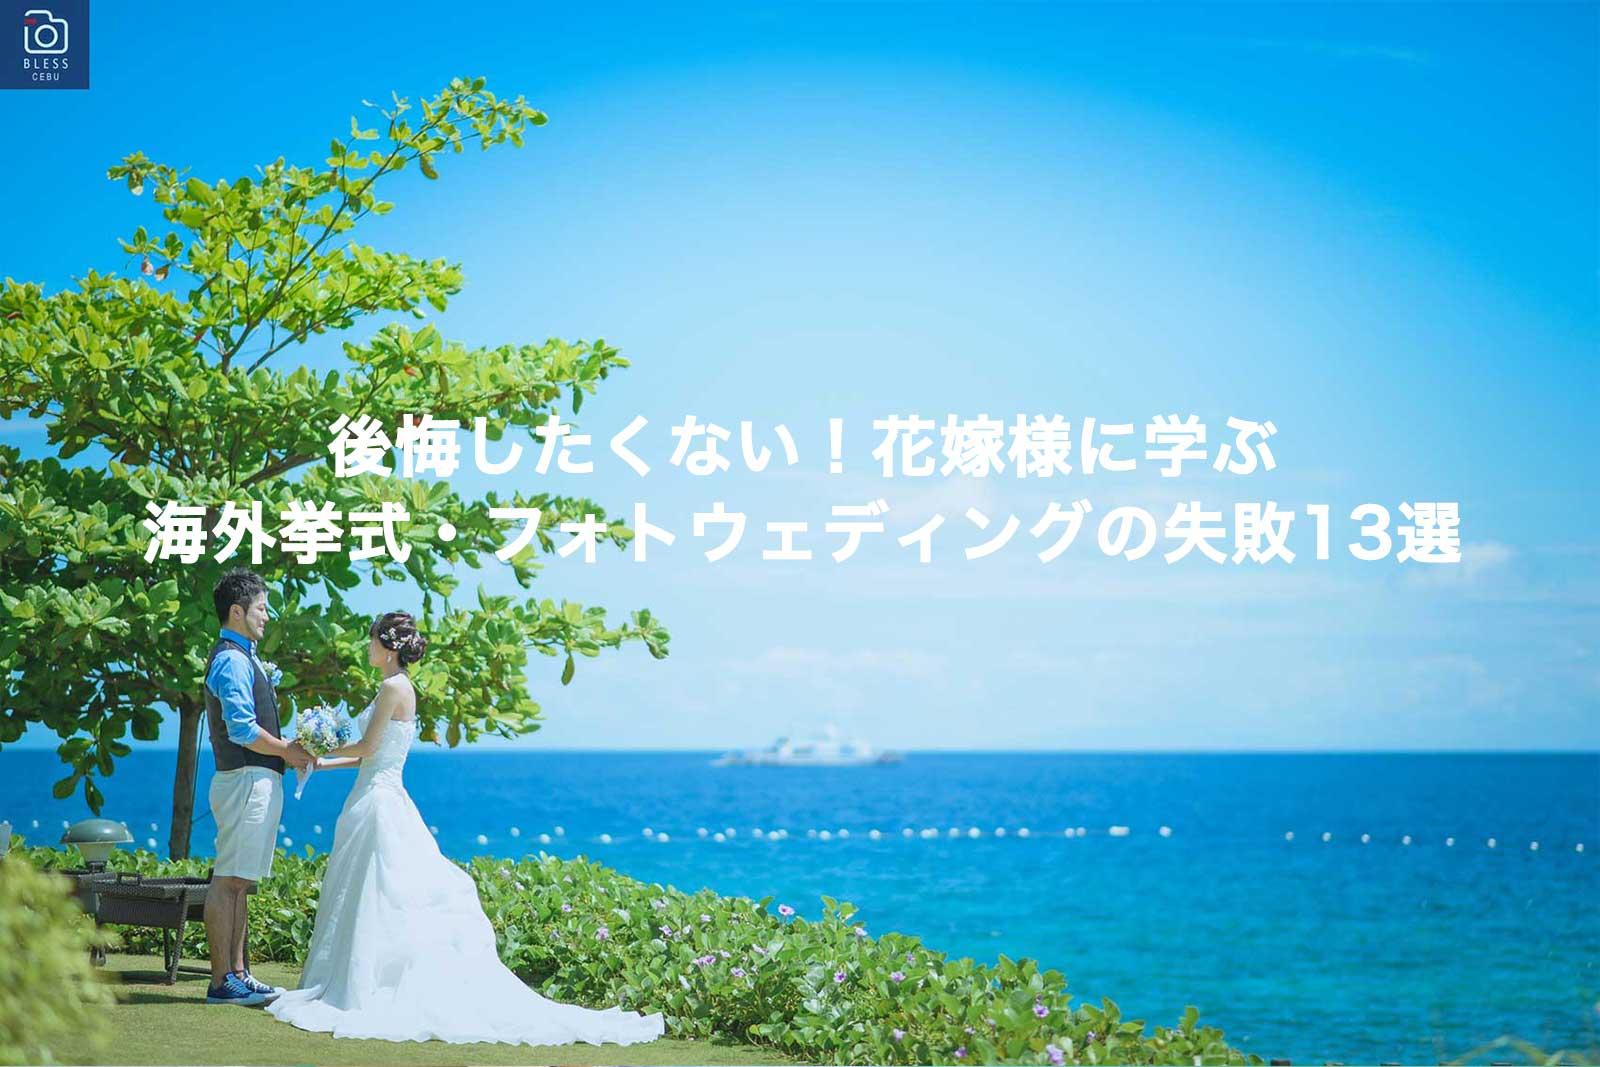 後悔したくない!花嫁様に学ぶ・海外挙式・フォトウェディングの失敗13選